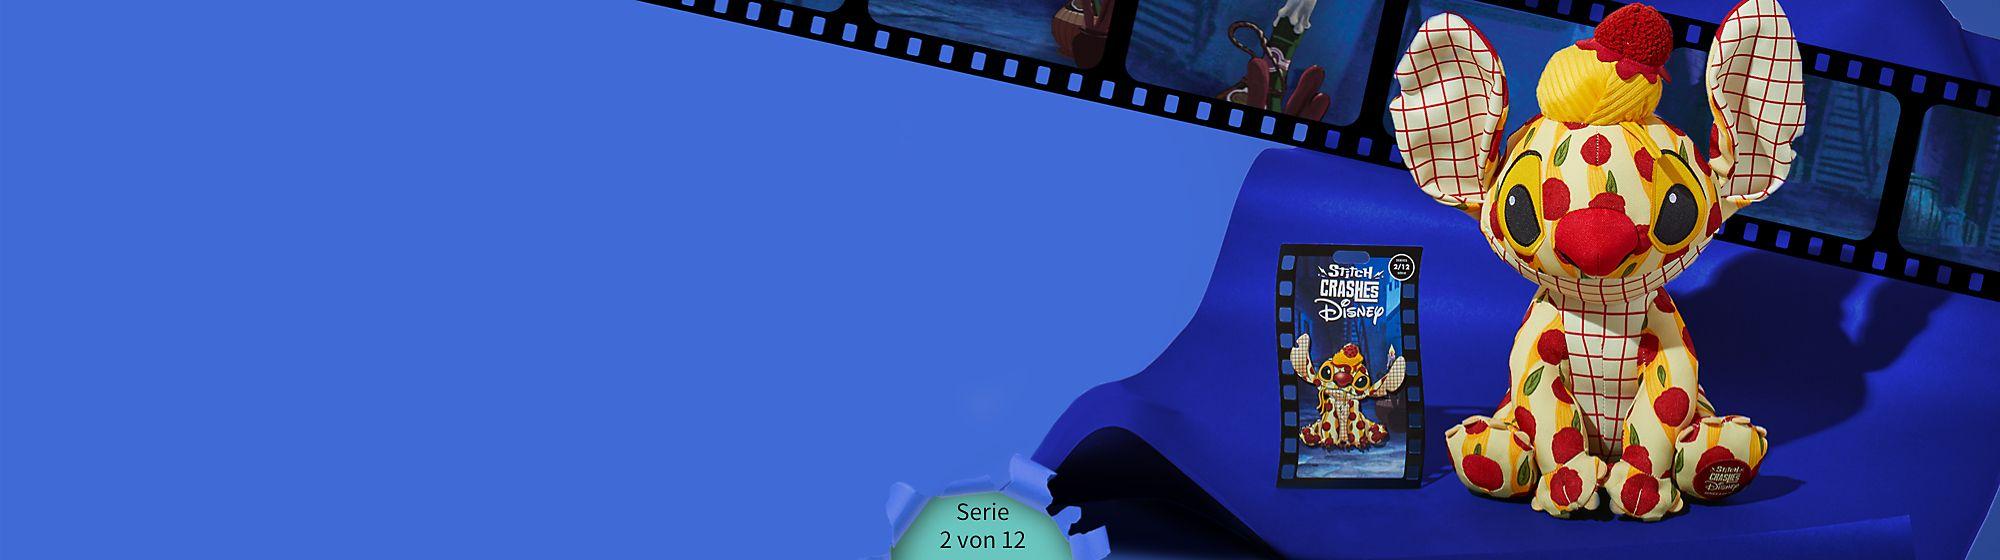 Bald im Handel! Stitch Crashes Susi und Strolch Sammle Anstecknadel und Kuscheltier der Serie 2 von 12 in limitierter Edition